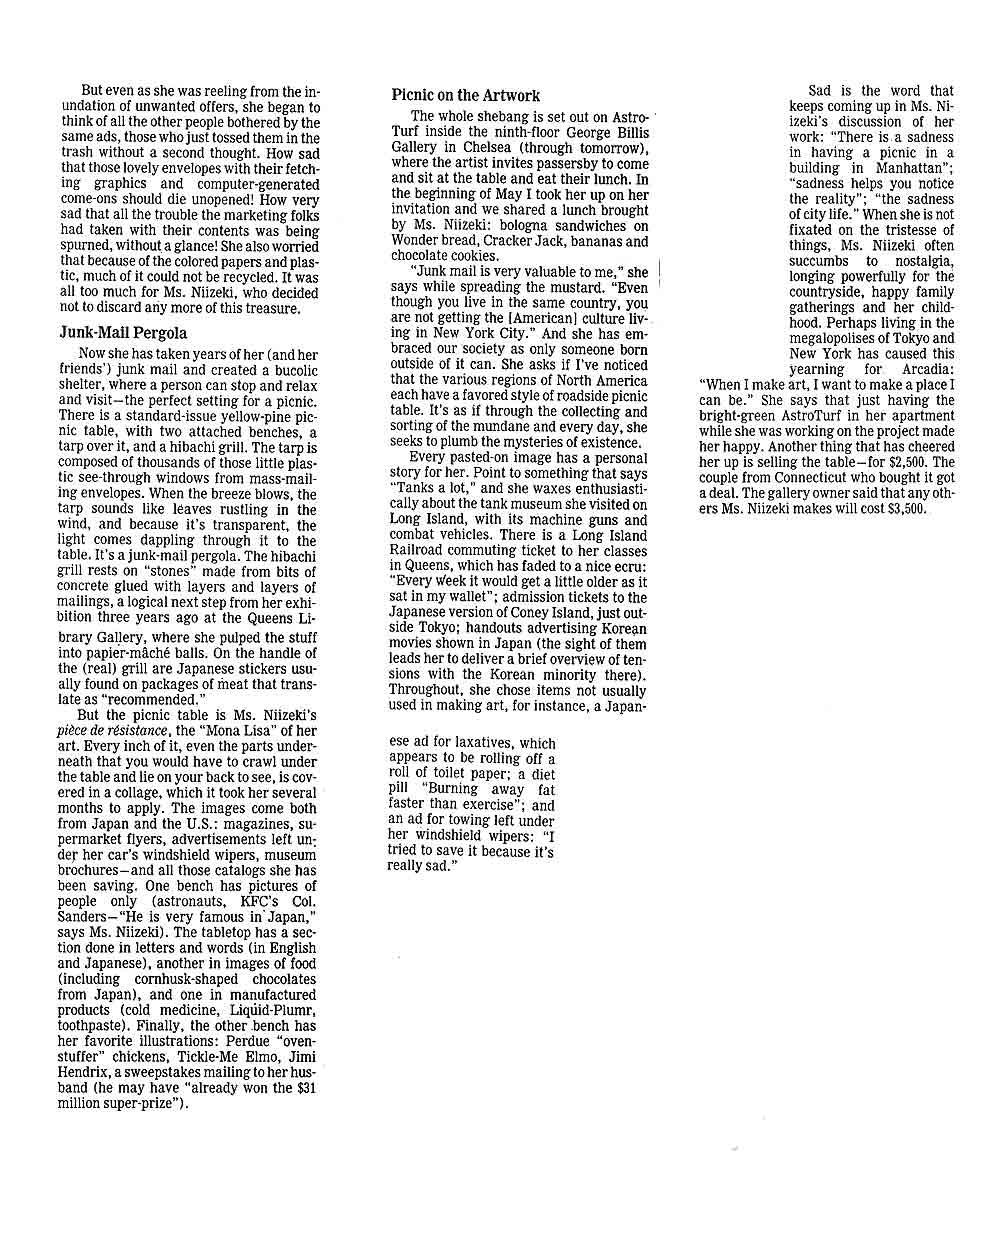 Le Déjeuner sur l'Astro Turf, article, pg 2